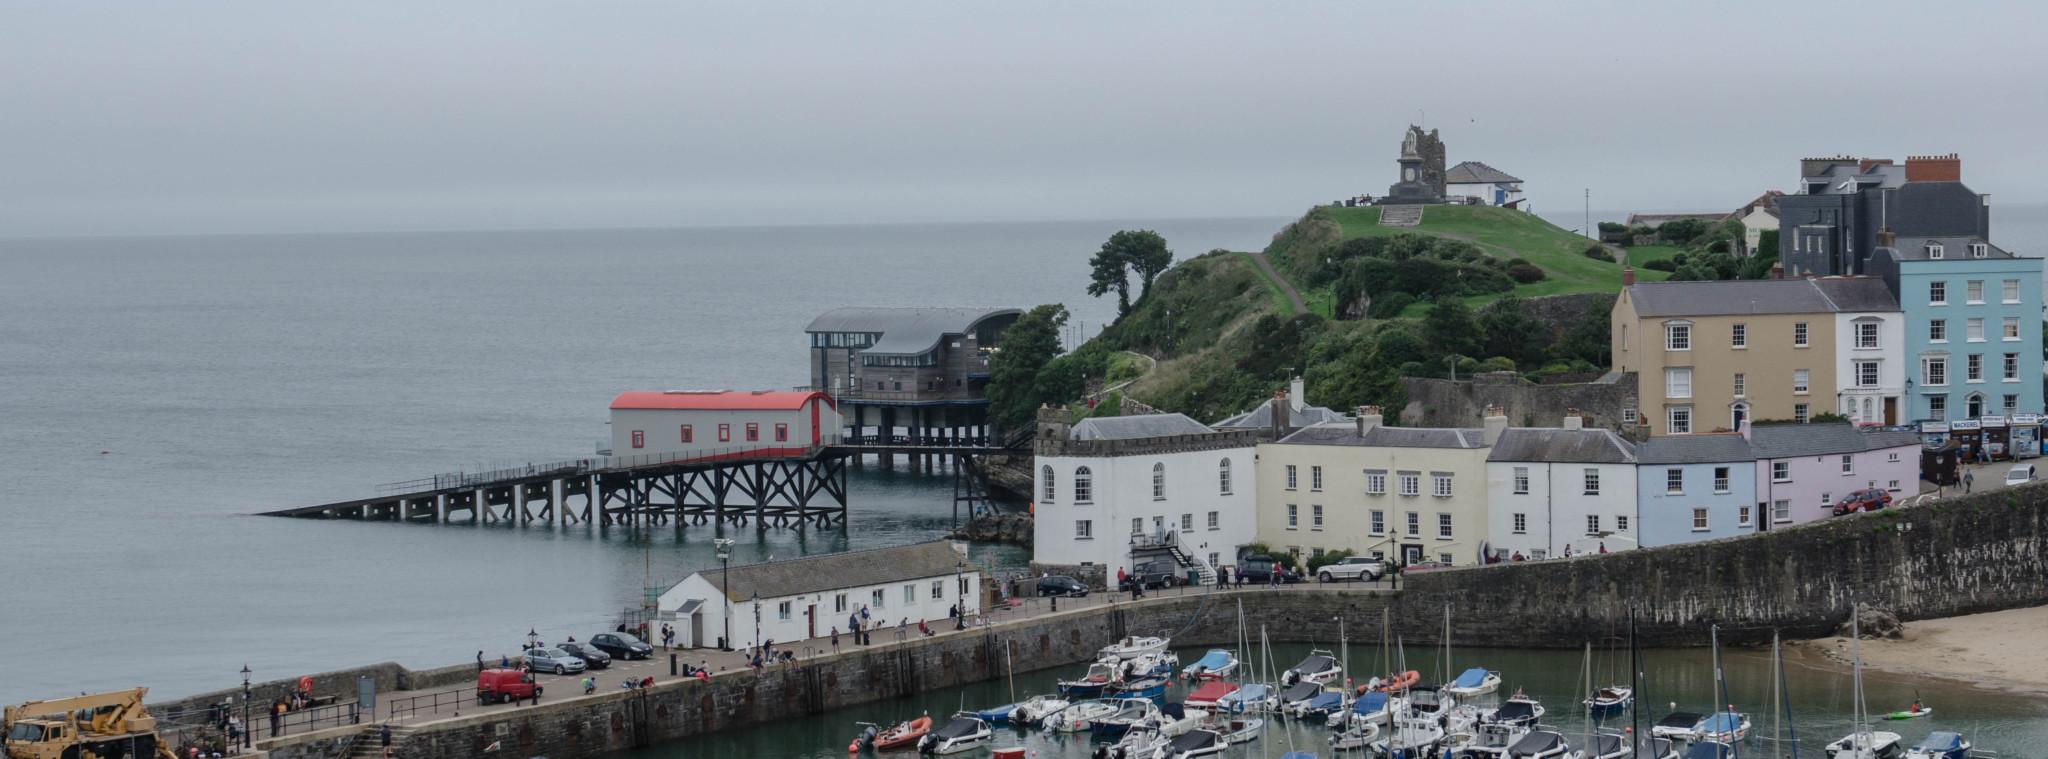 Wales Urlaub